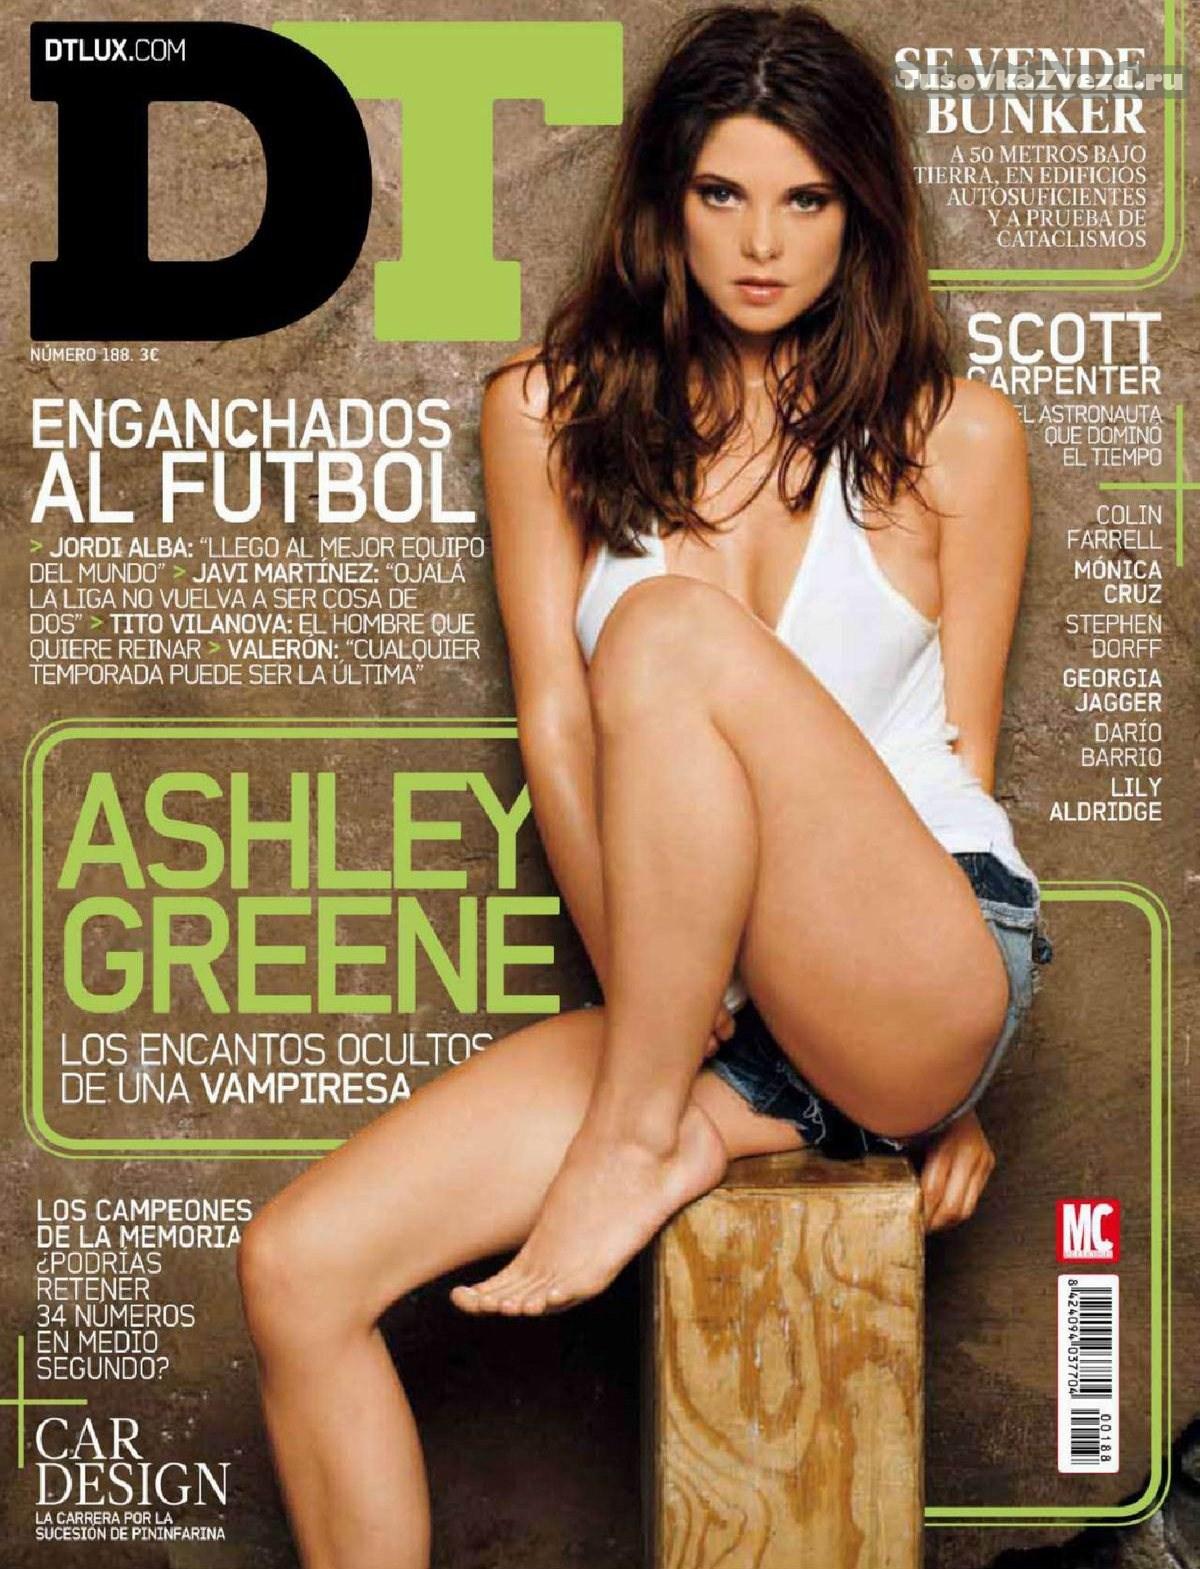 Эшли Грин (Ashley Greene) эротическая фото сессия для журнала DT Испания, сентябрь 2012